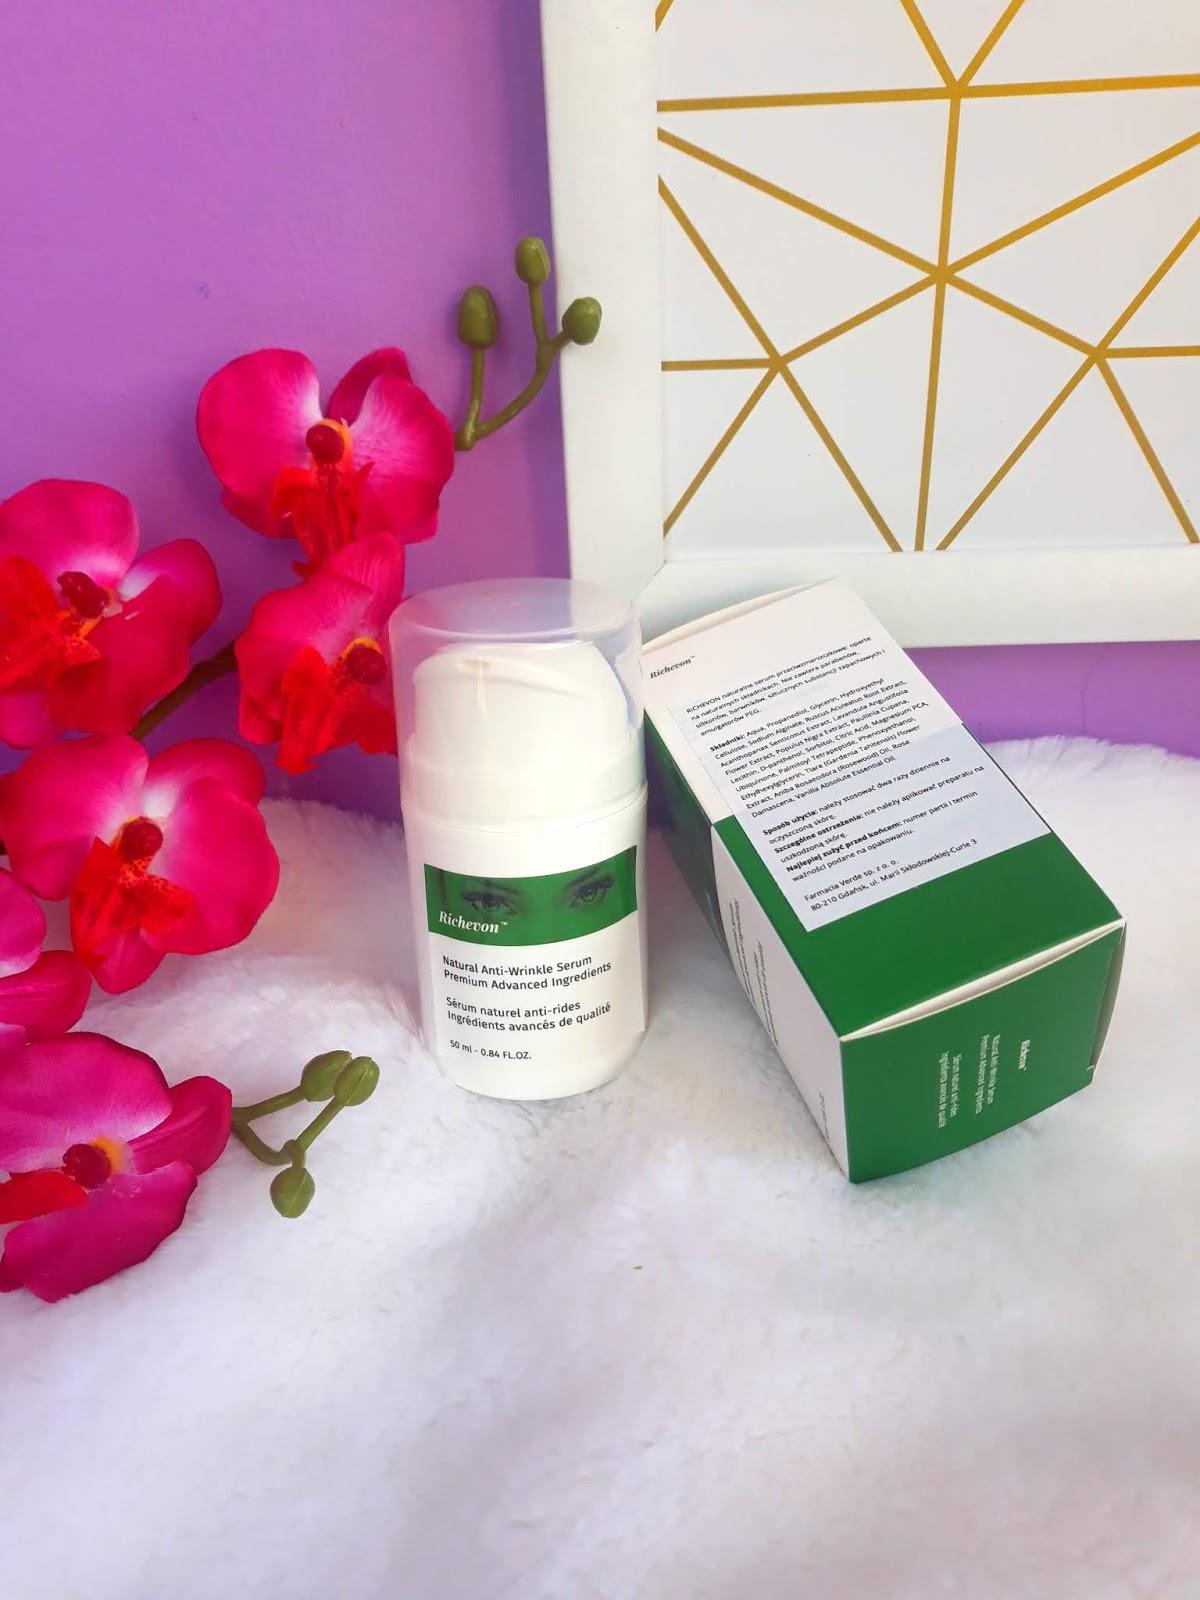 RICHEVON Natural Anti-Wrinkle Serum krem przeciwzmarszczkowy